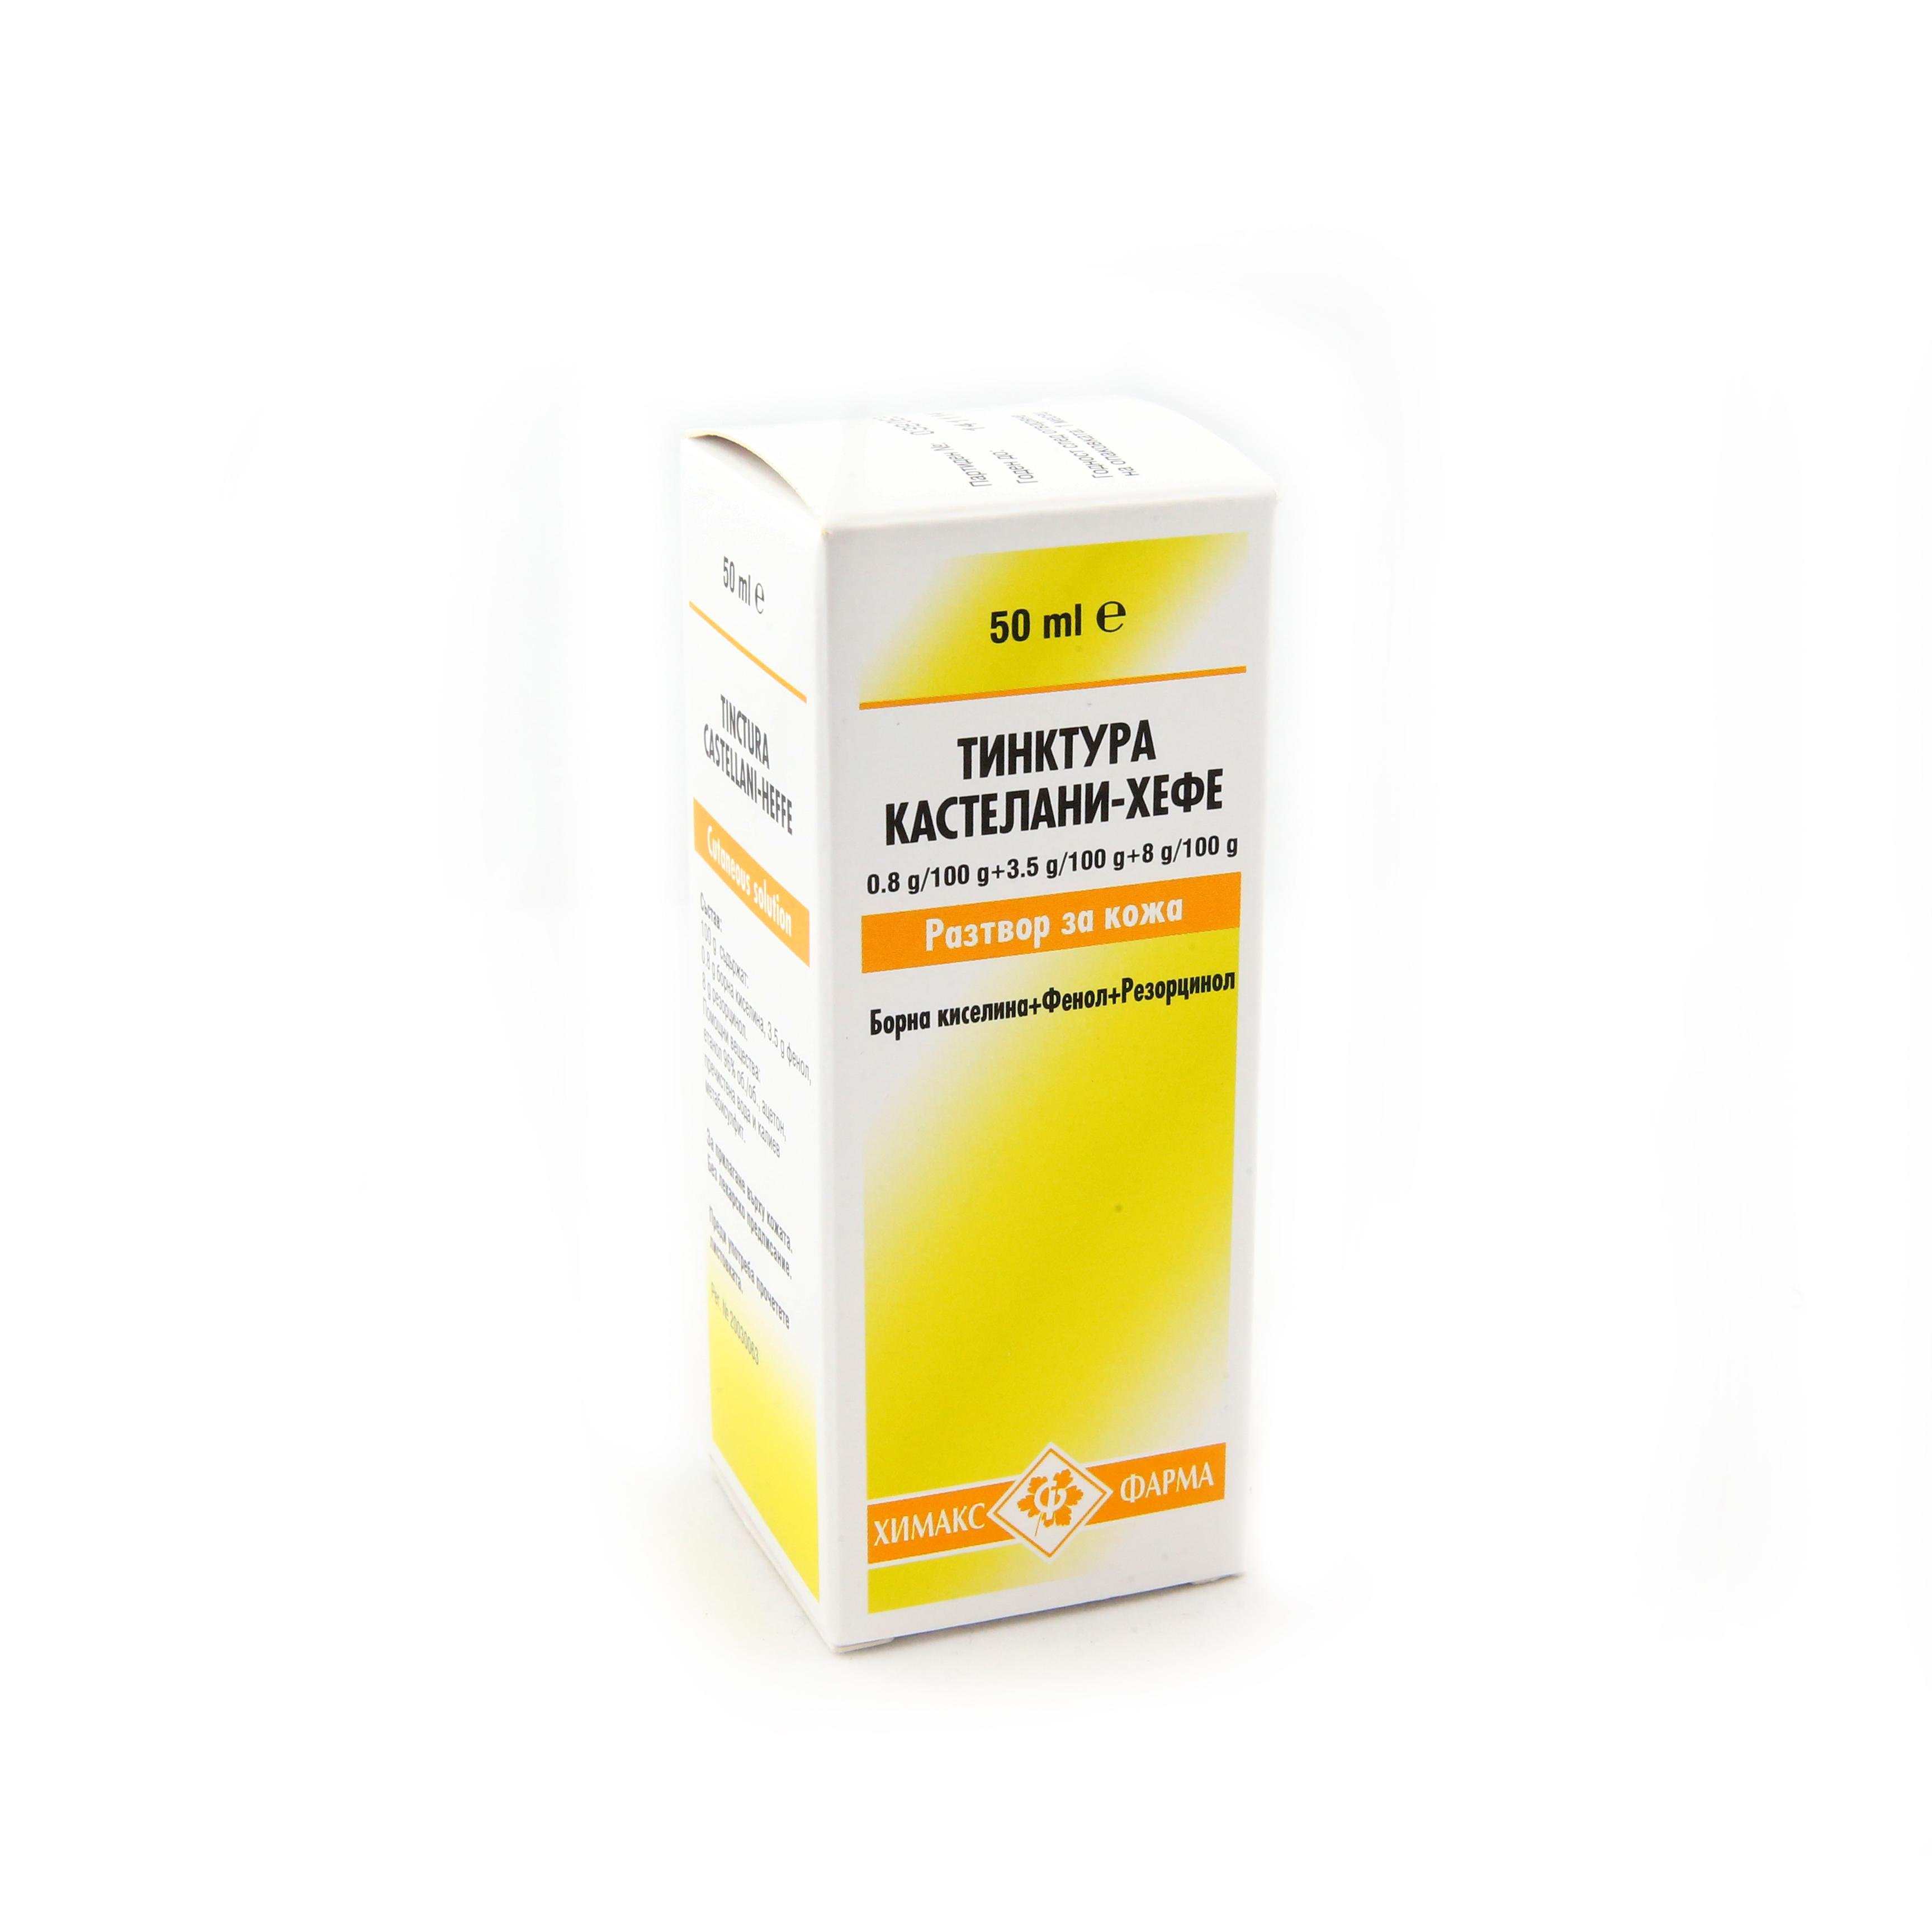 Описание   ТИНКТУРА КАСТЕЛАНИ- ХЕФЕ на Chemax Pharma  се използва за  локално лечение на  остри и хронични екземи, повърхностни дерматофитози,хиперкератози при възрастни и деца на и над 7 годишна възраст.   Състав  Тинктура Кастелани- Хефе съдържа: Активно вещество: Борна киселина, Фенол, Резорцинол Съдържание в дозова единица: 0.8g/100g, 3.5g/100g, 8g/100g   Поръчайте продукти на стойност над 30 лв. до 1 кг. и ще Ви ги доставим безплатно! В категорията Спиртни разтвори и прахови субстанции в нашата онлайн аптека ще намерите богат асортимент от продукти на атрактивни цени! Ако се колебаете в избора на продукти, може да се допитате до нашия магистър- фармацевт чрез лайв чата!